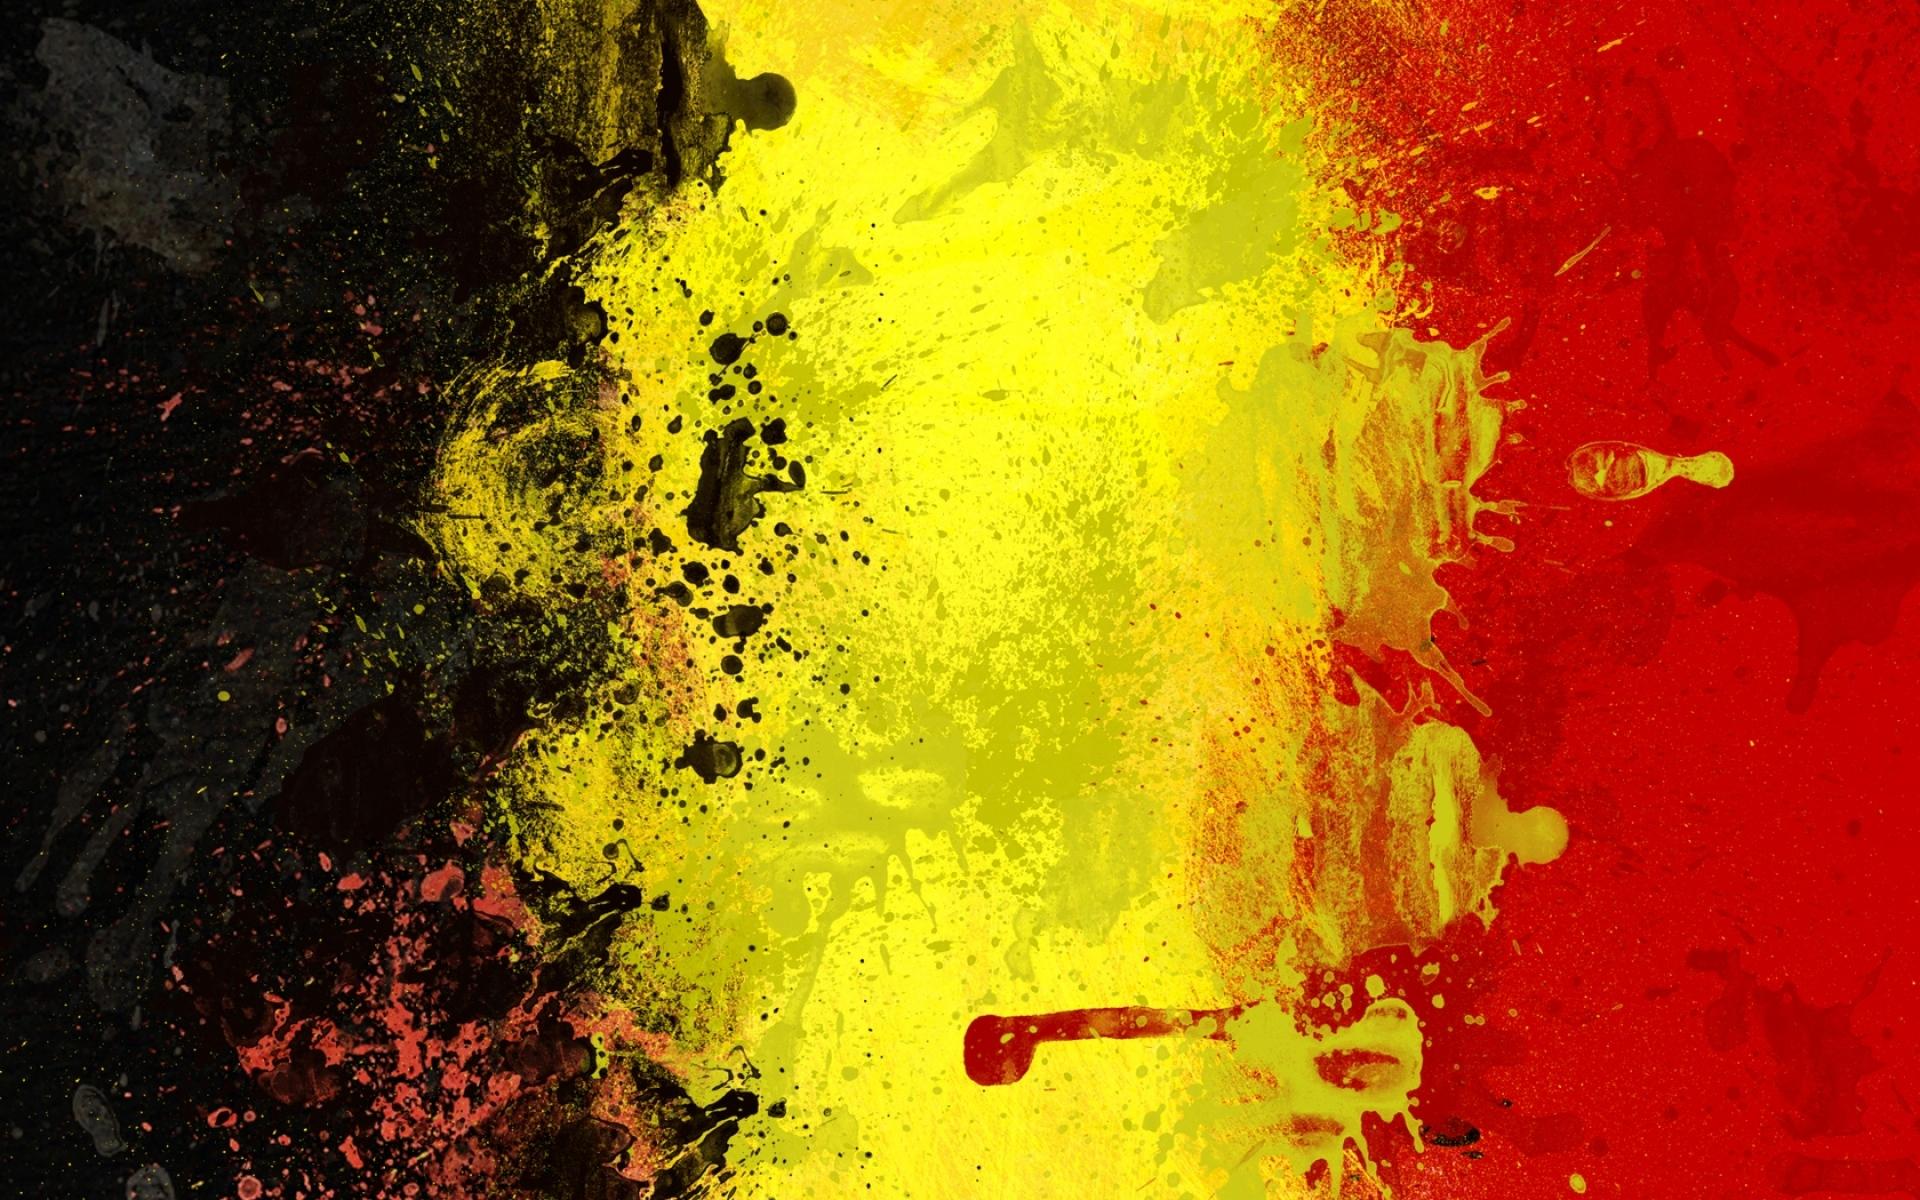 Картинки Бельгия, флаг, фон, цвет, текстура, символизм фото и обои на рабочий стол